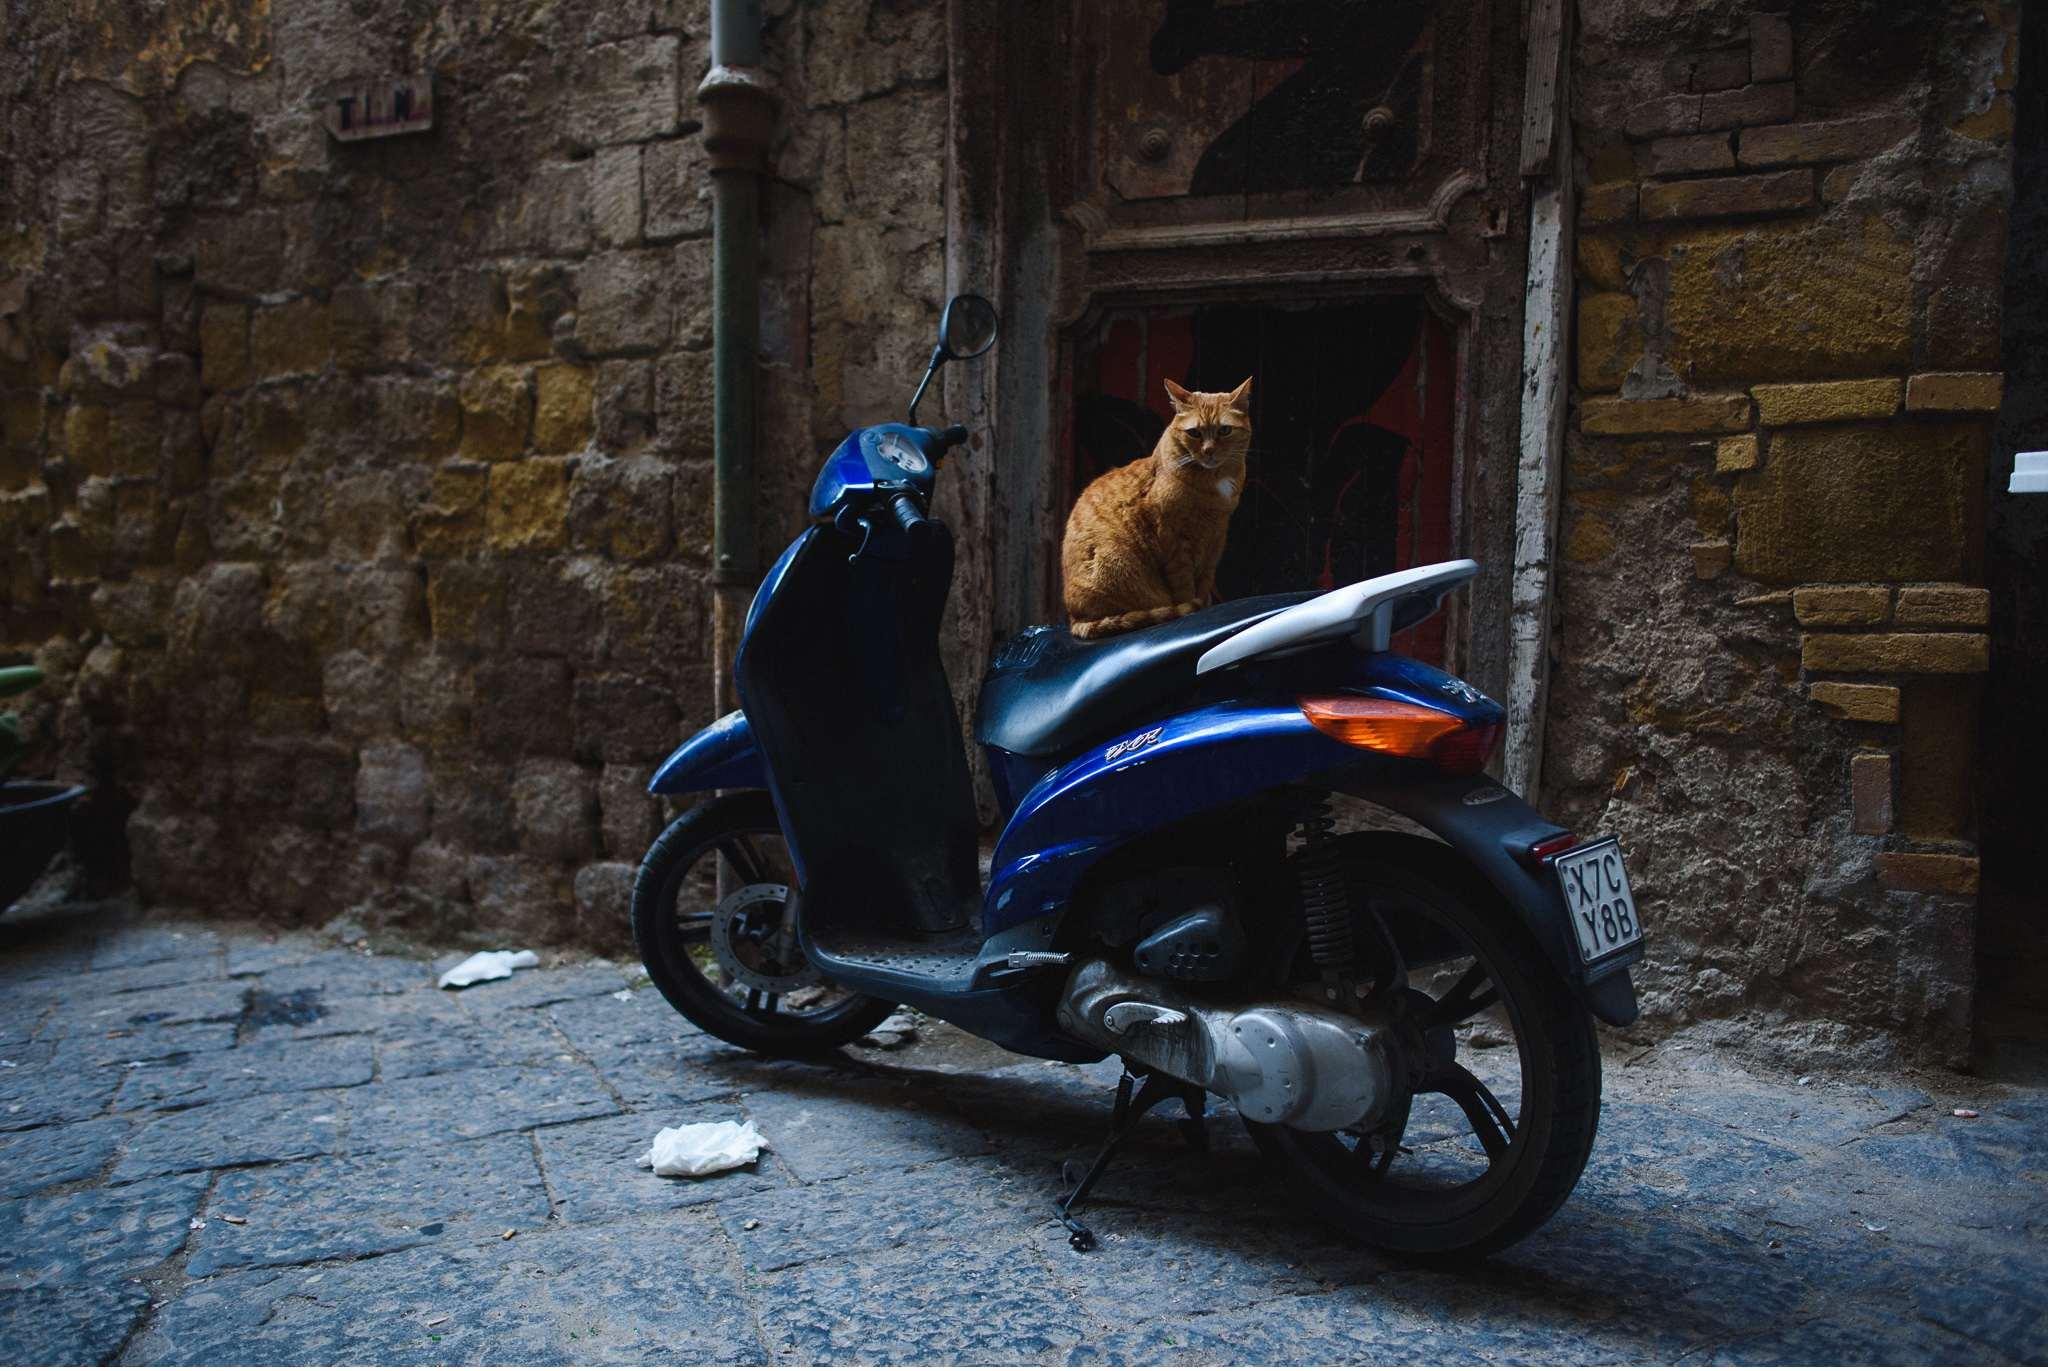 Interrail Reise - Italien Neapel - Geschichten von unterwegs - Foto Daniel Kempf-Seifried-25